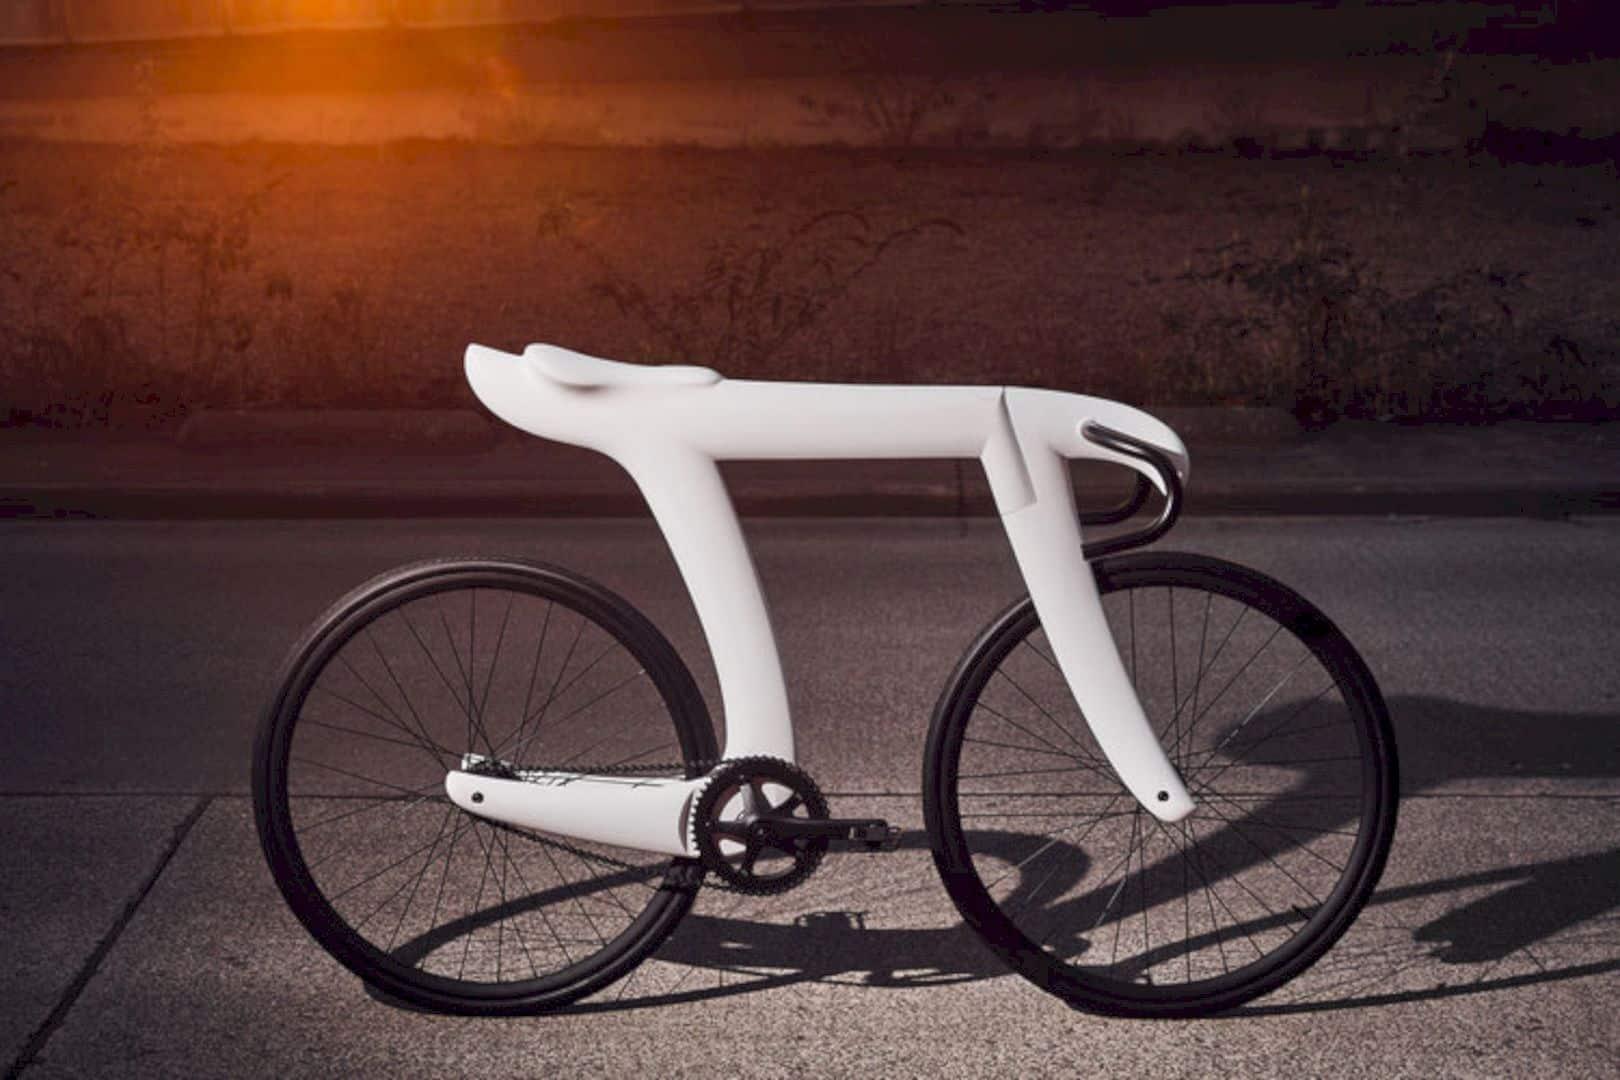 The Pi Bike 5